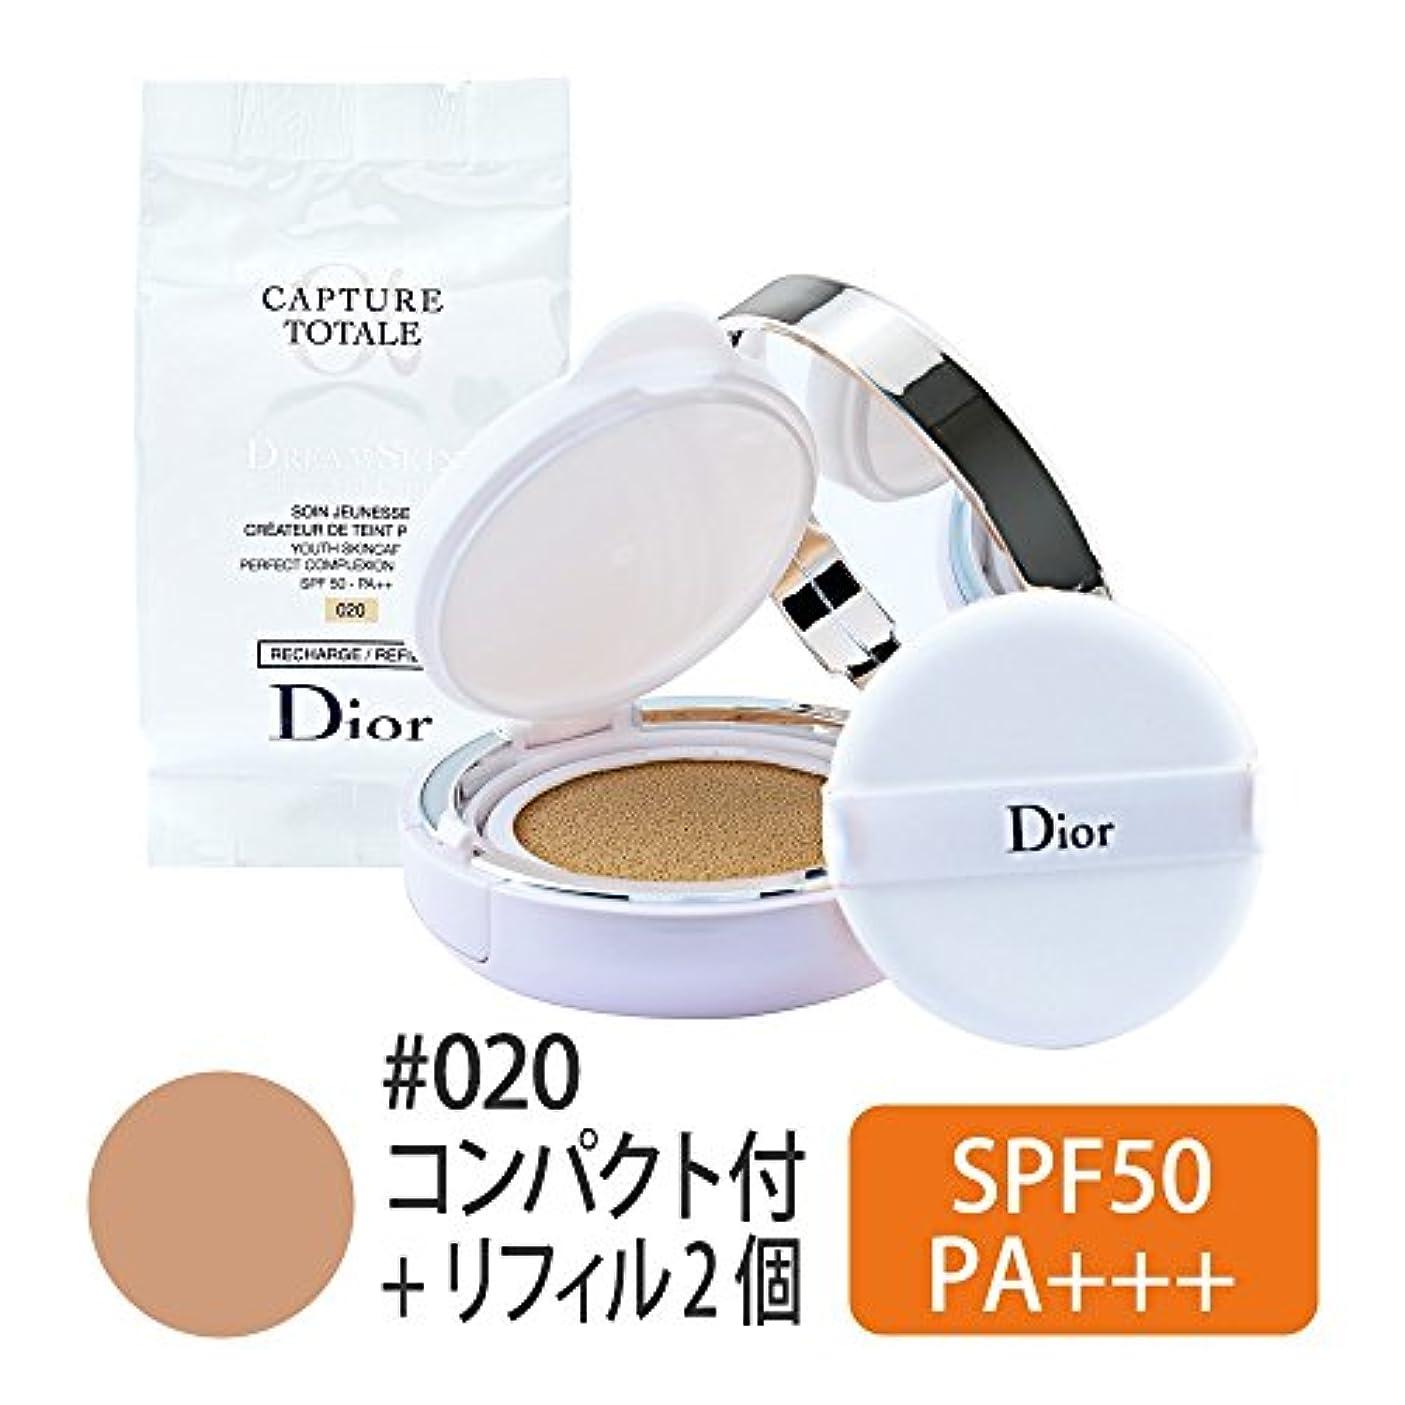 オフセット受け入れた気づかないChristian Dior クリスチャン ディオール カプチュール トータル ドリーム スキン クッション #020 SPF50-PA+++ 15g x 2 [並行輸入品]